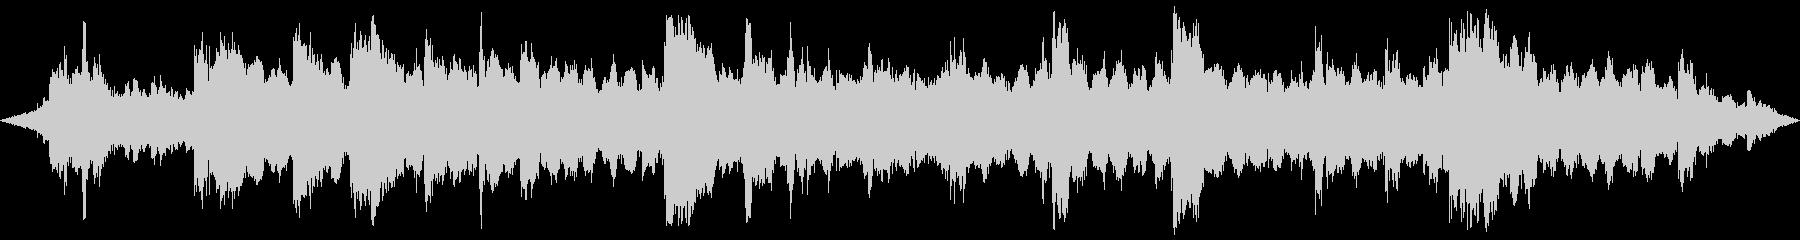 ヨガとマッサージ。ピアノのエアメロ...の未再生の波形